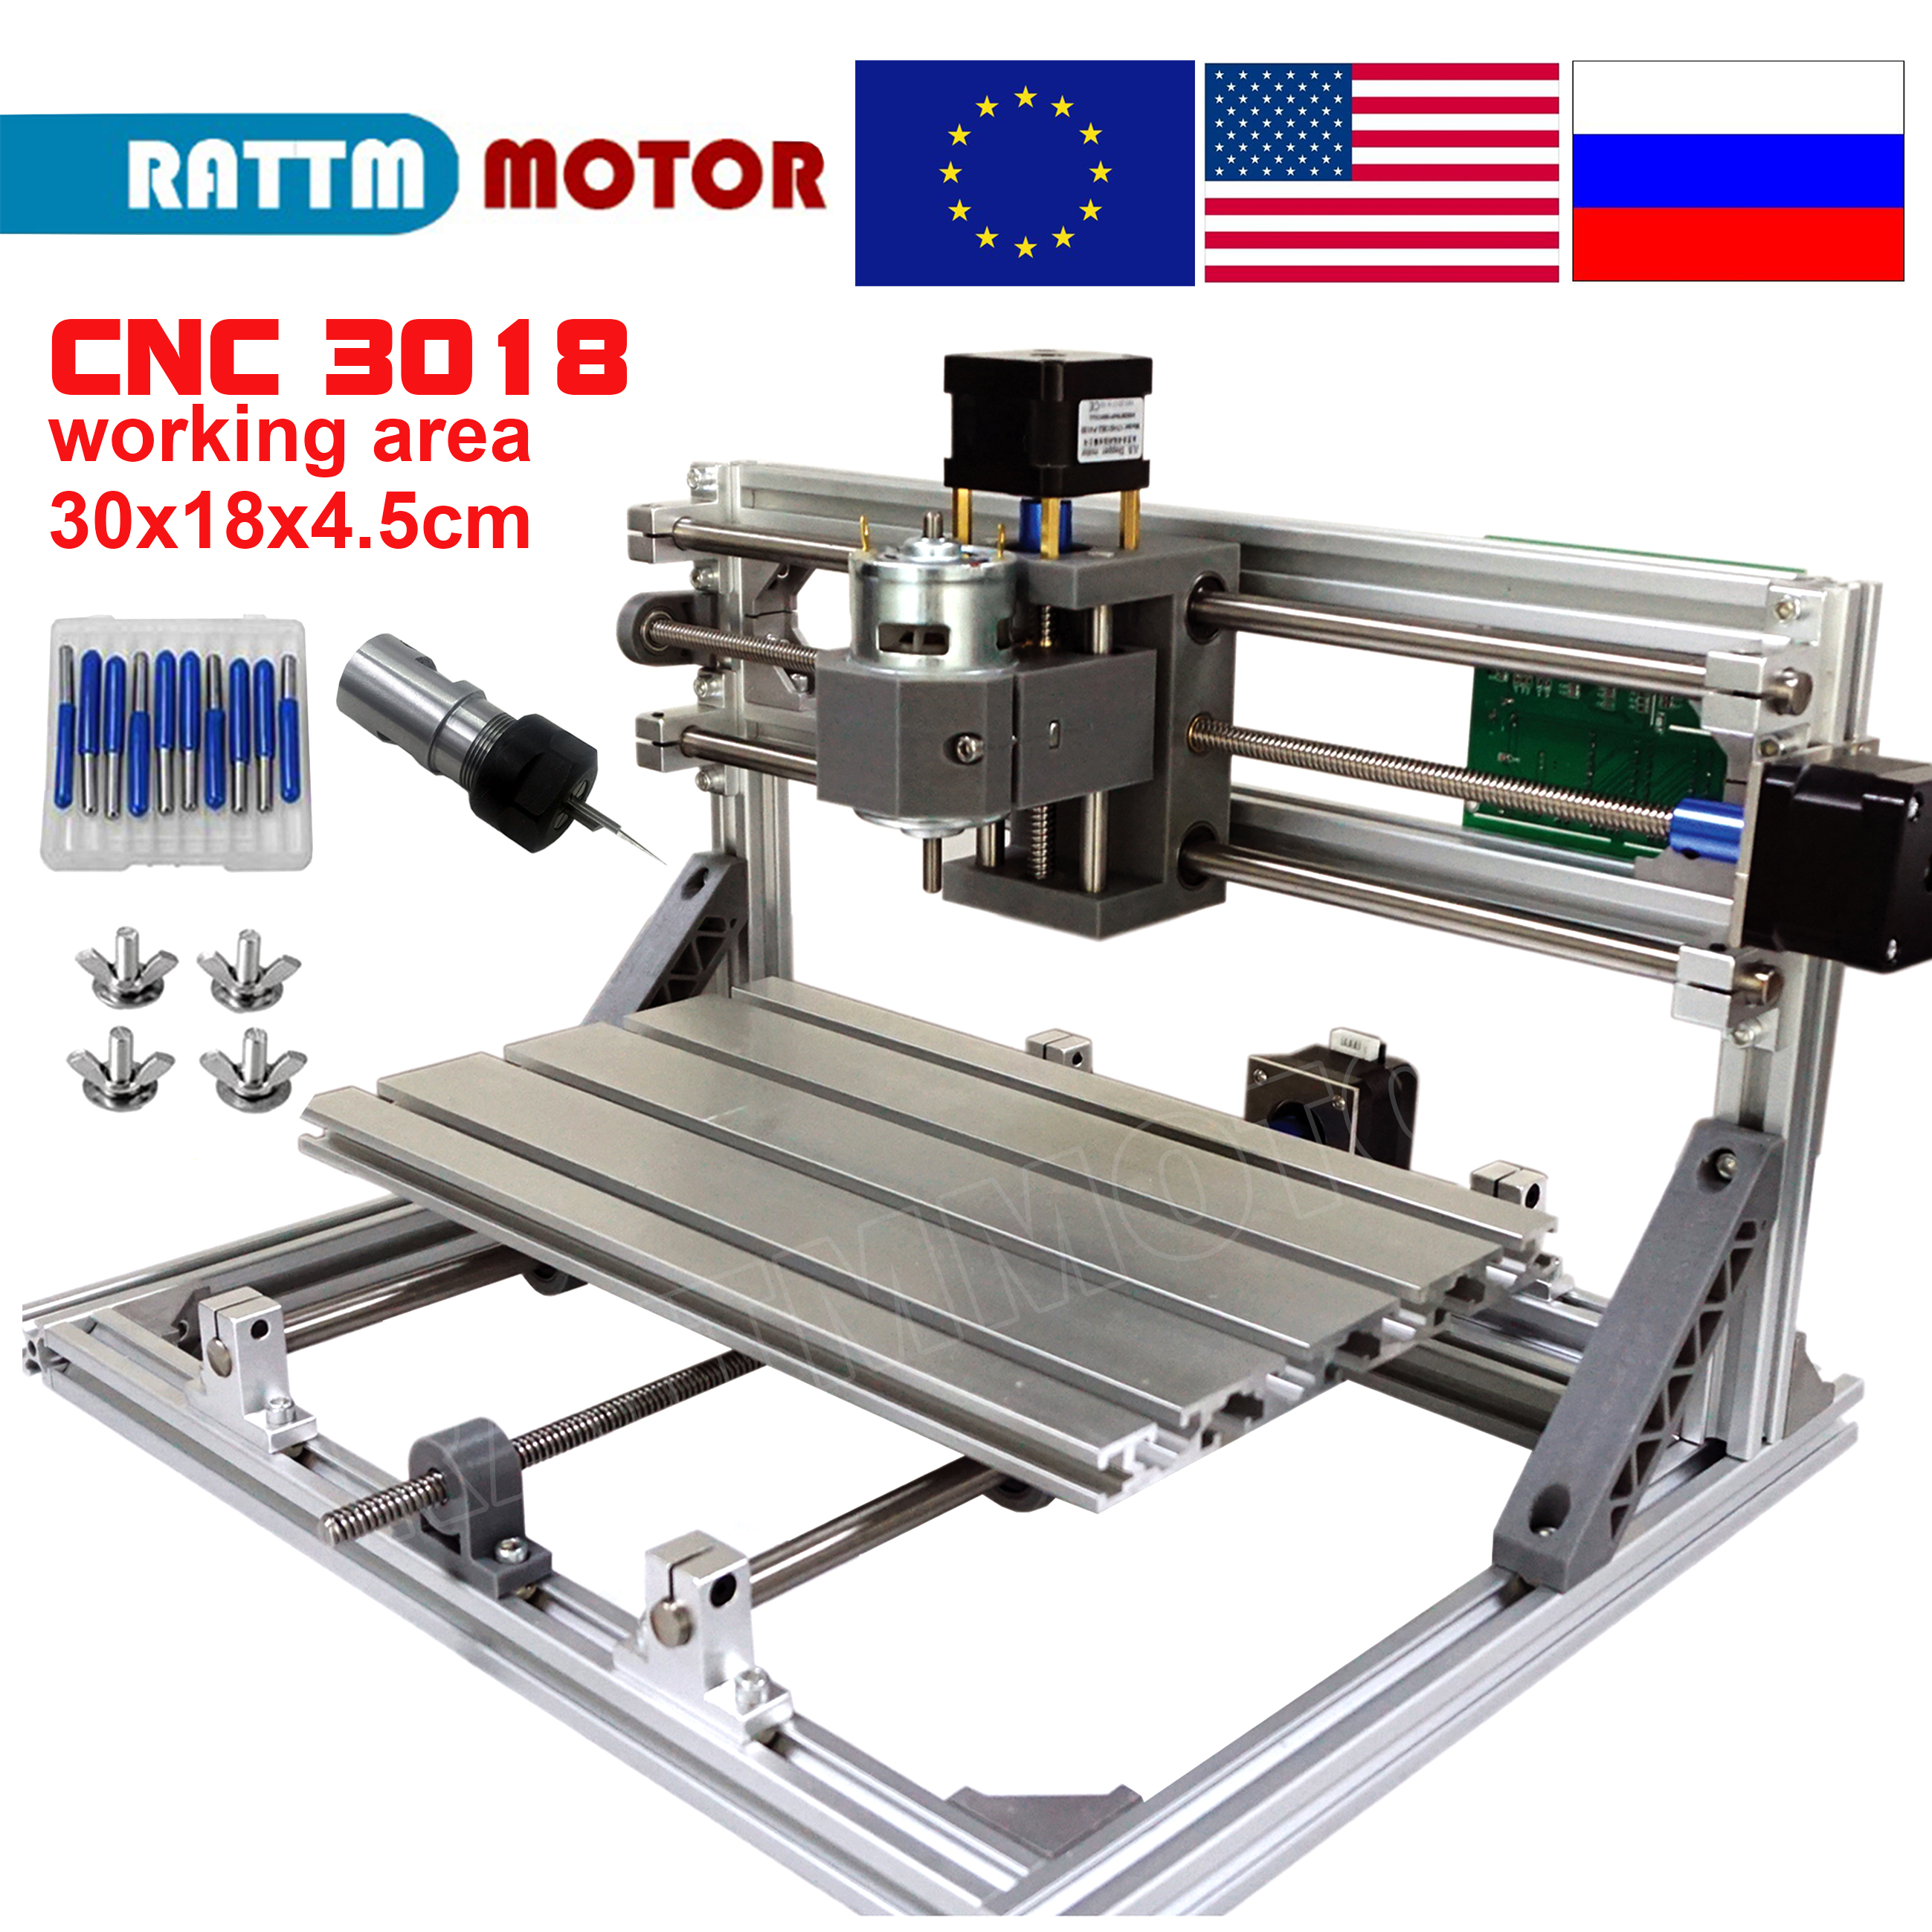 Navio da ue! Cnc 3018 grbl controle diy máquina cnc 30x18x4.5cm, laser roteador de madeira da máquina de moagem, 3 eixos pcb pvc máquina de fresagem gravação v2.5